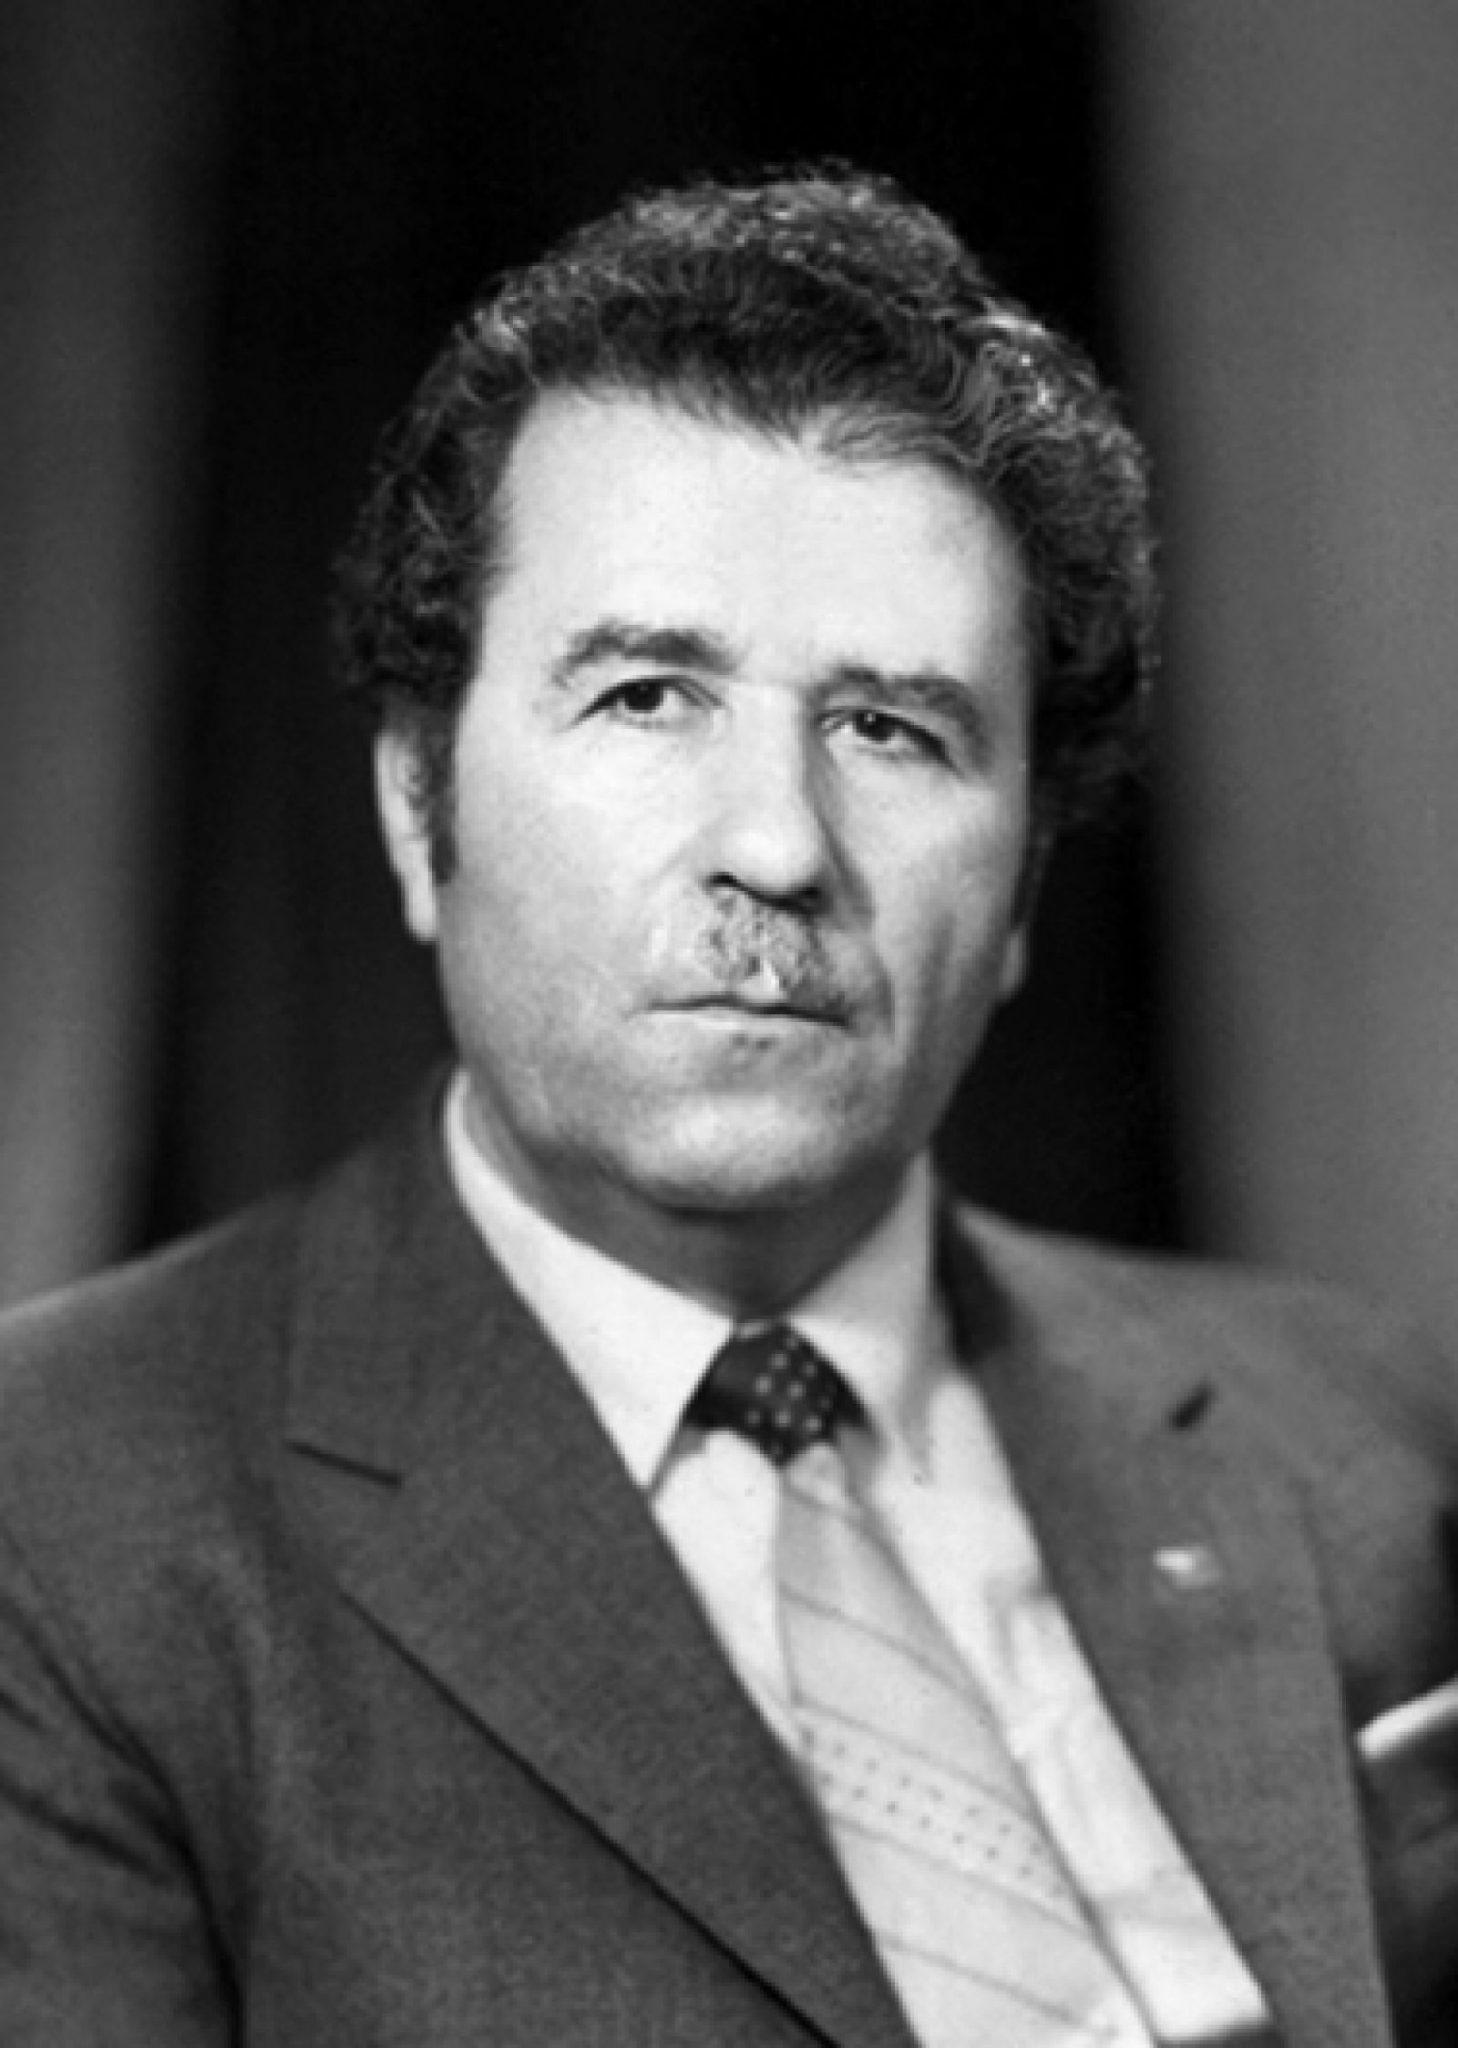 Curiozitatea curiozităților! Știați că renumitul chirurg și om politic moldovean Nicolae Testemițanu este originar din satul Ochiul Alb, municipiul Bălți?